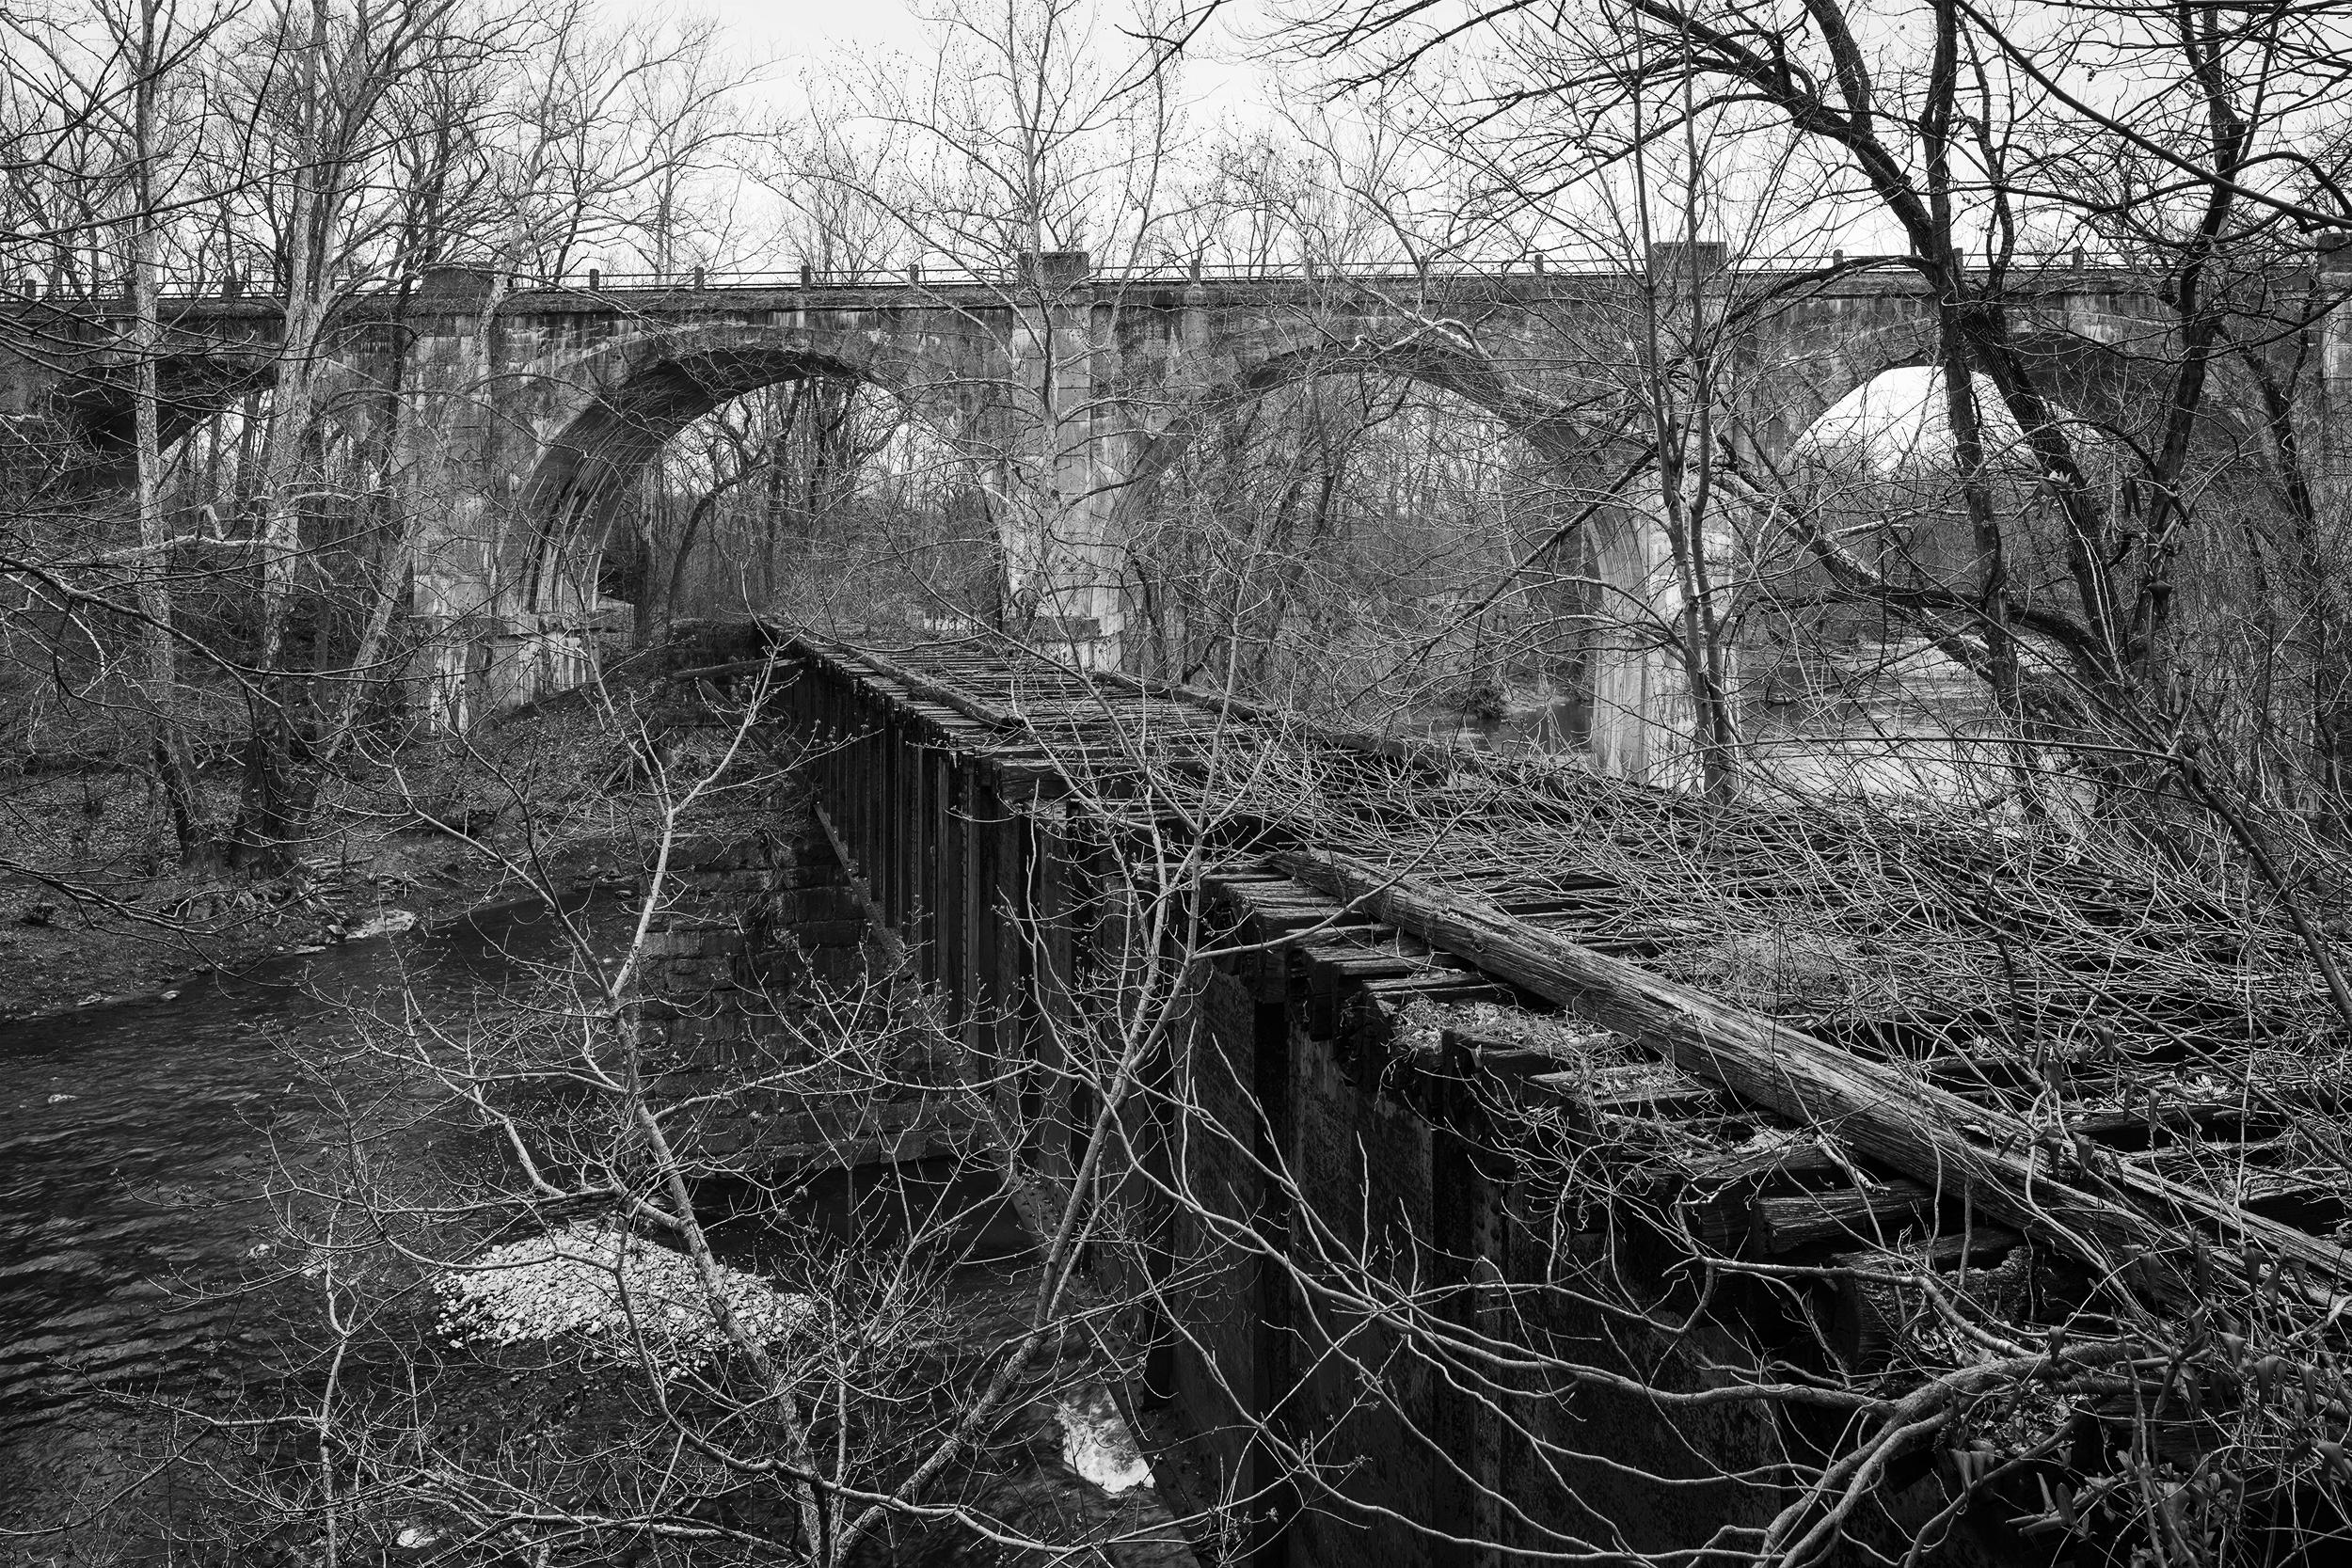 Octoraro Creek, Near Conowingo, Maryland